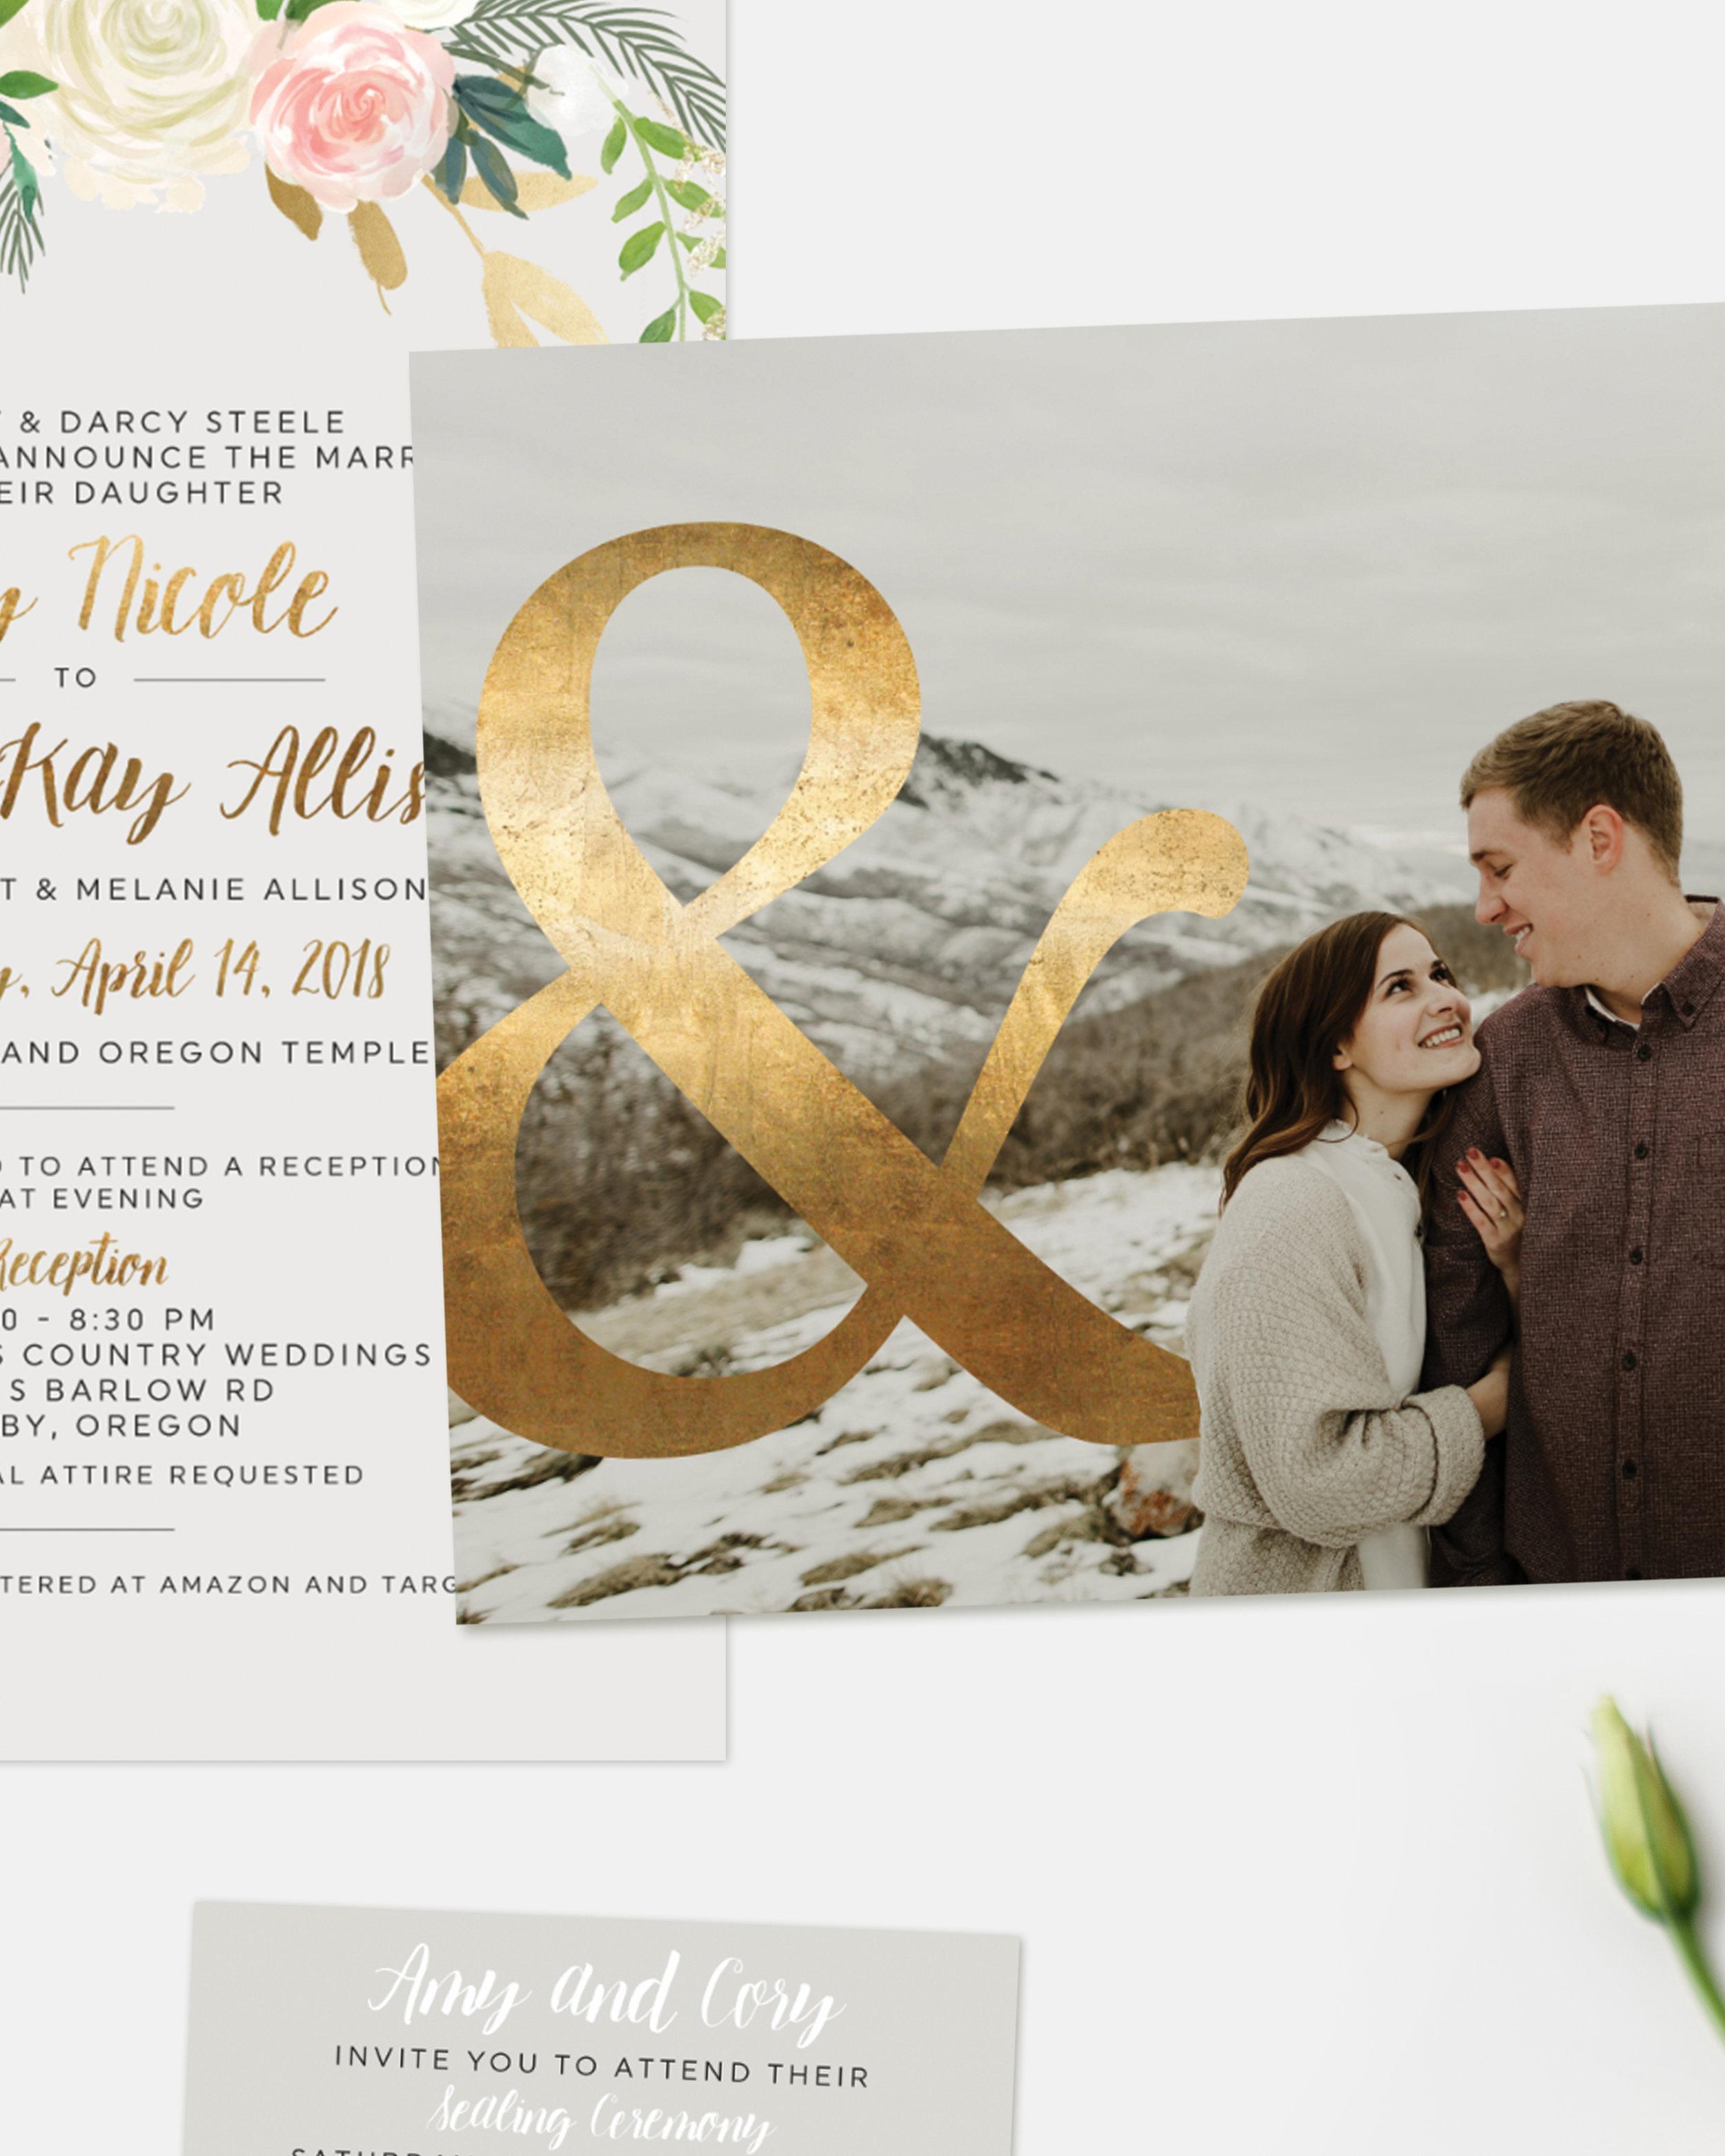 Anthology Wedding Invitation Instagram 18.jpg